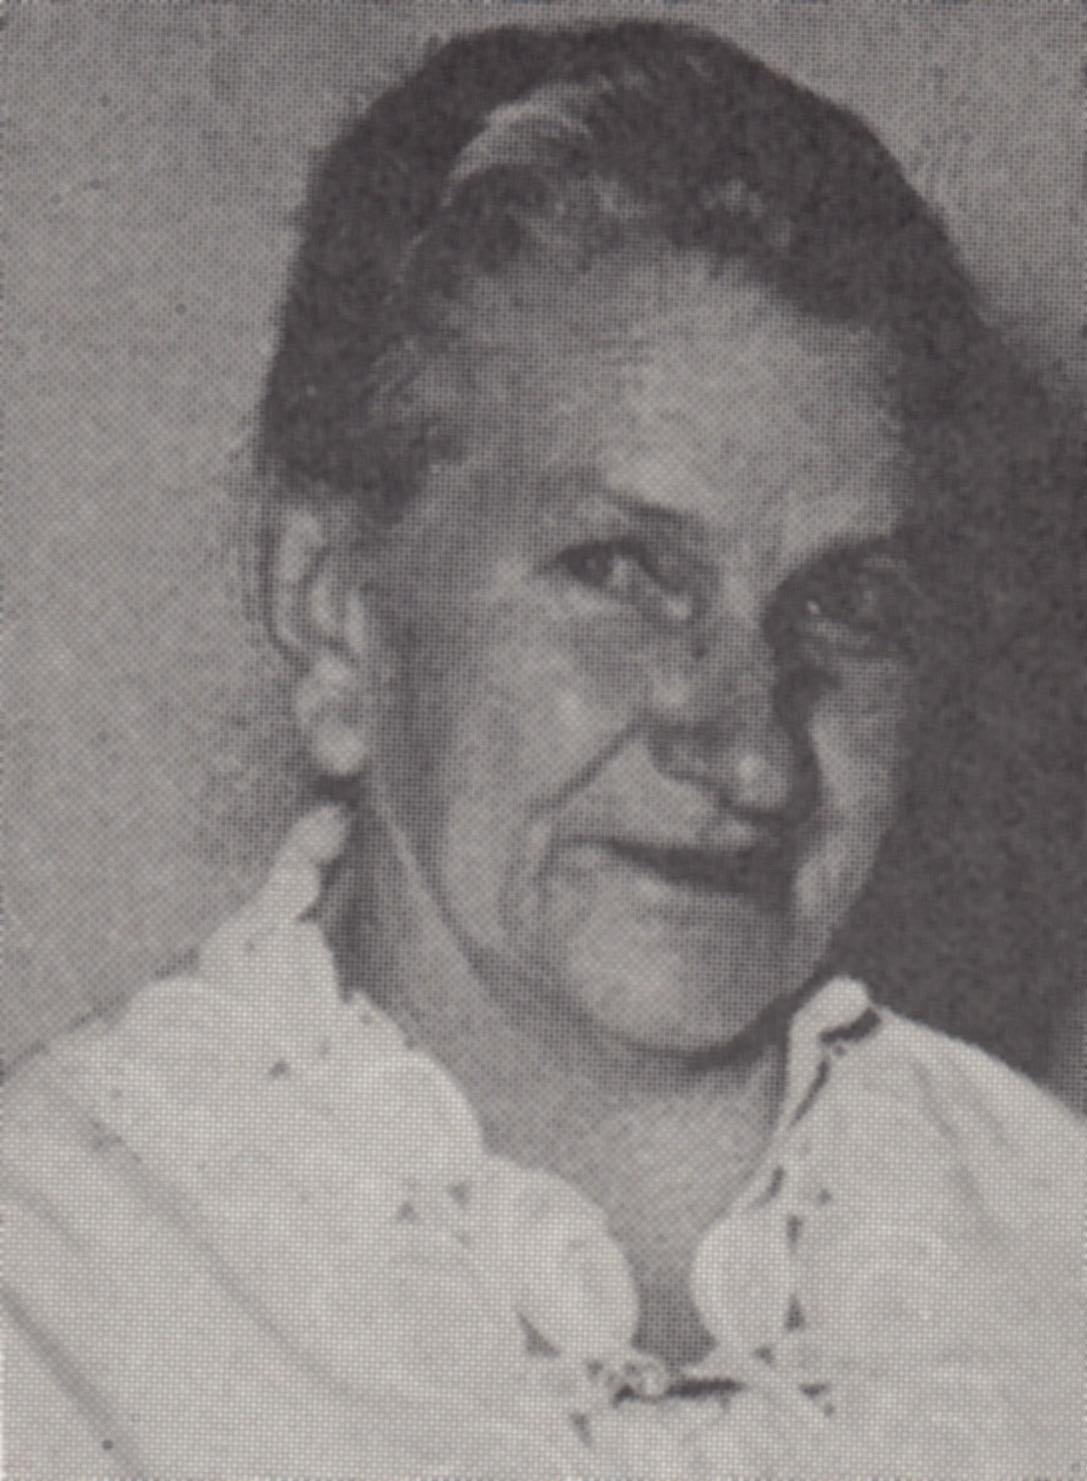 Hulda Kolb-Kolb